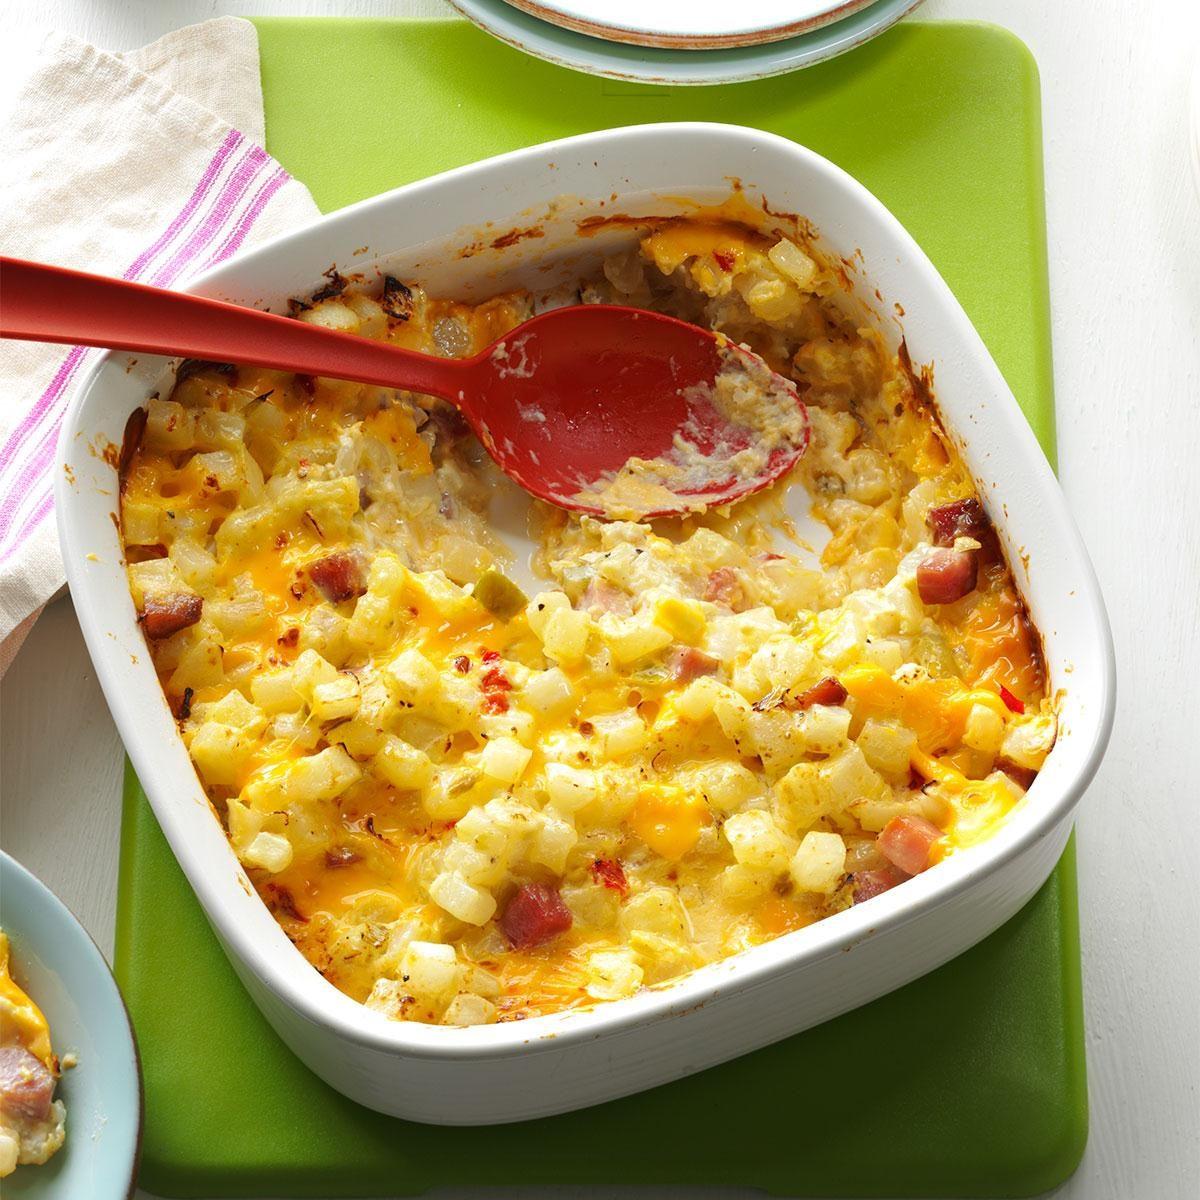 Potato Meal: Ham & Cheese Potato Casserole Recipe